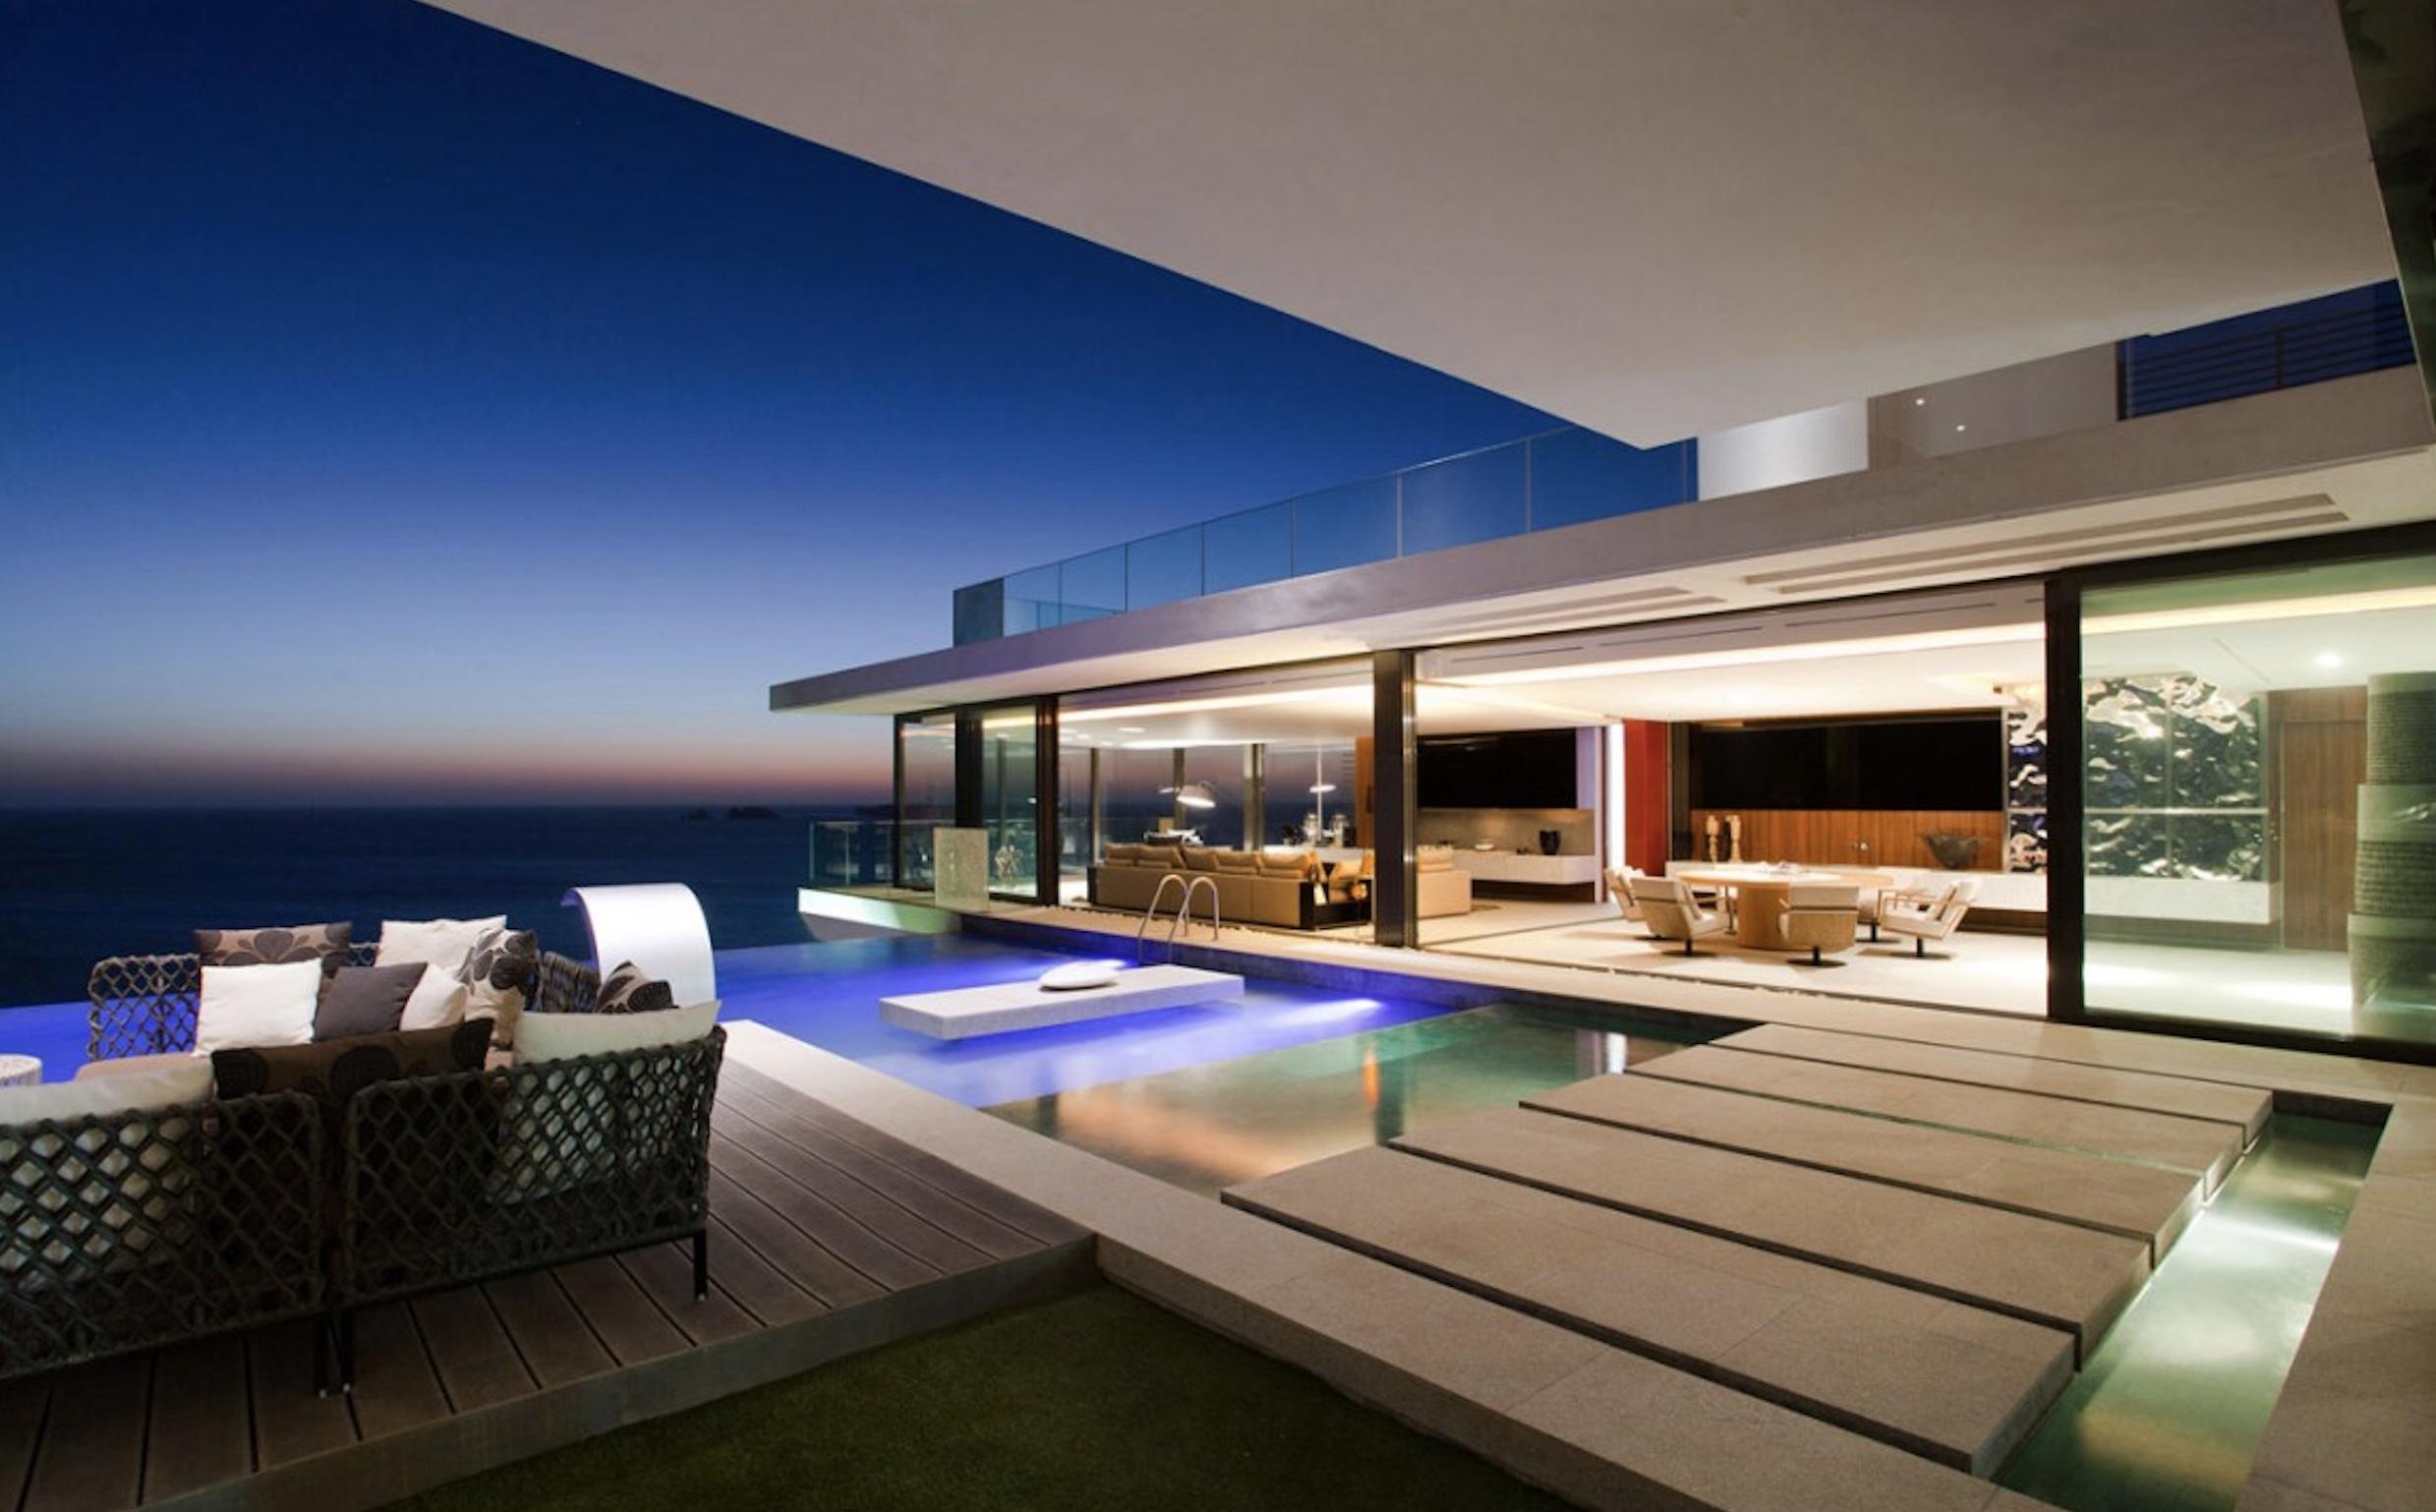 Cliff House av SAOTA. Världens bästa arkitekter på en och samma plats.